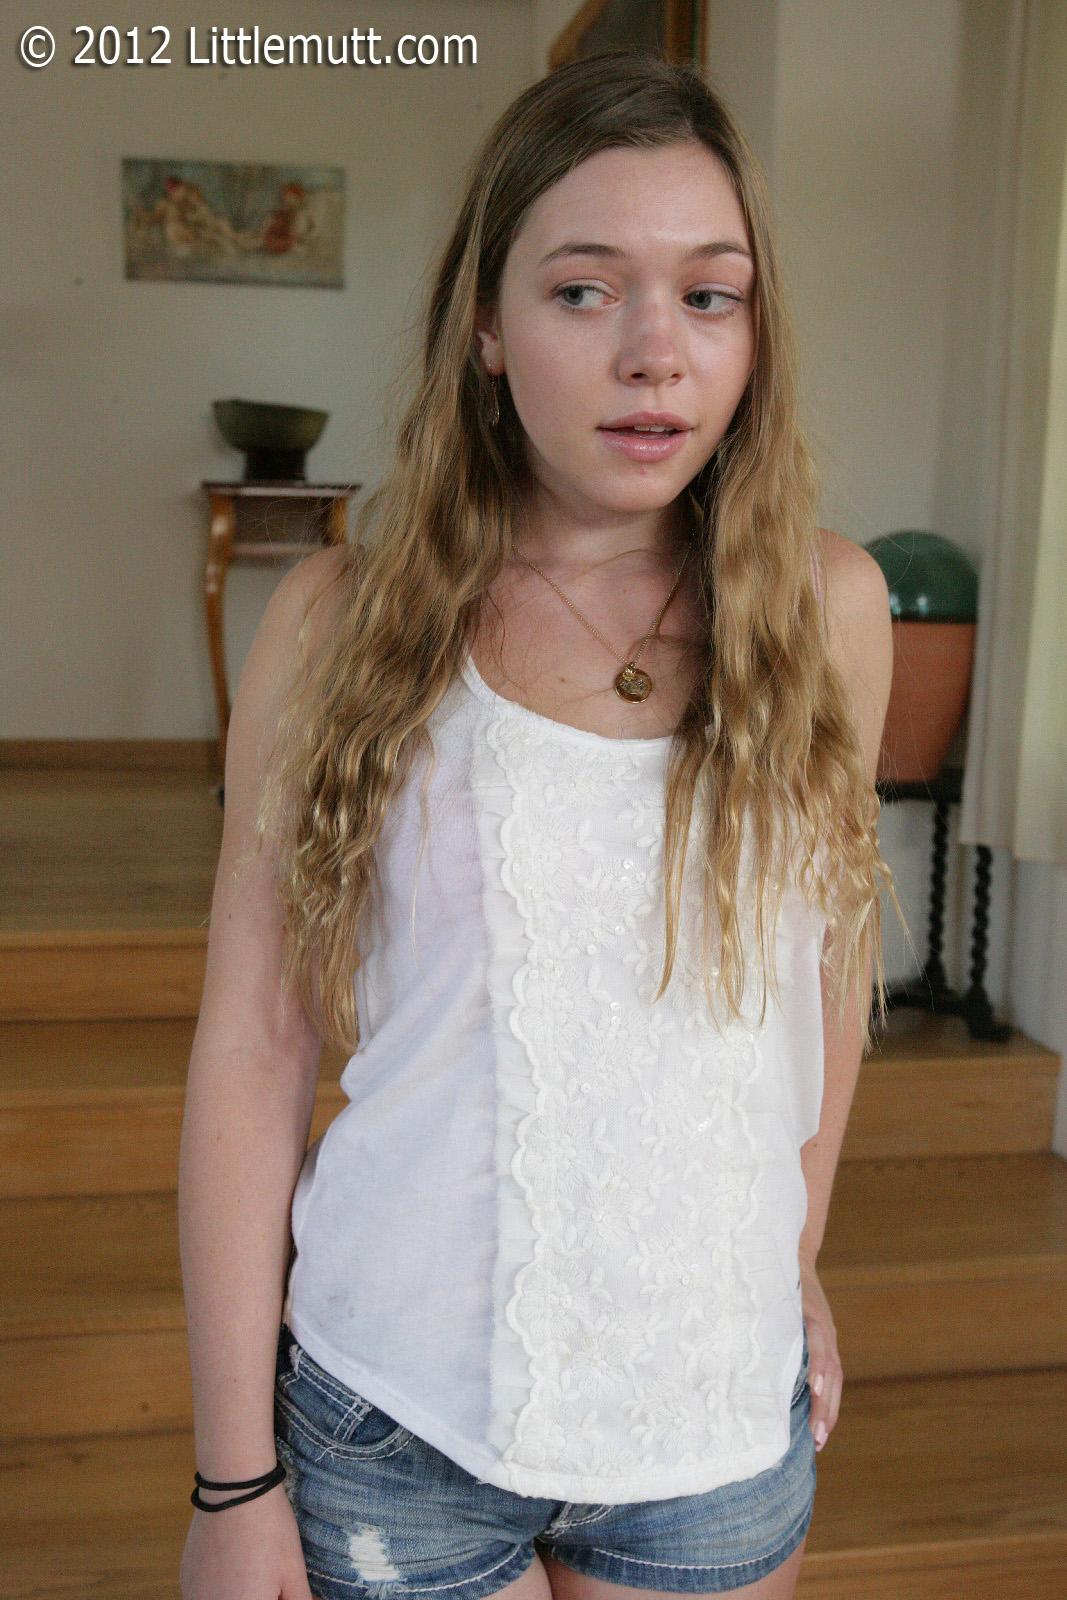 Kelli stone amp ashlyn rae in shy girl 2